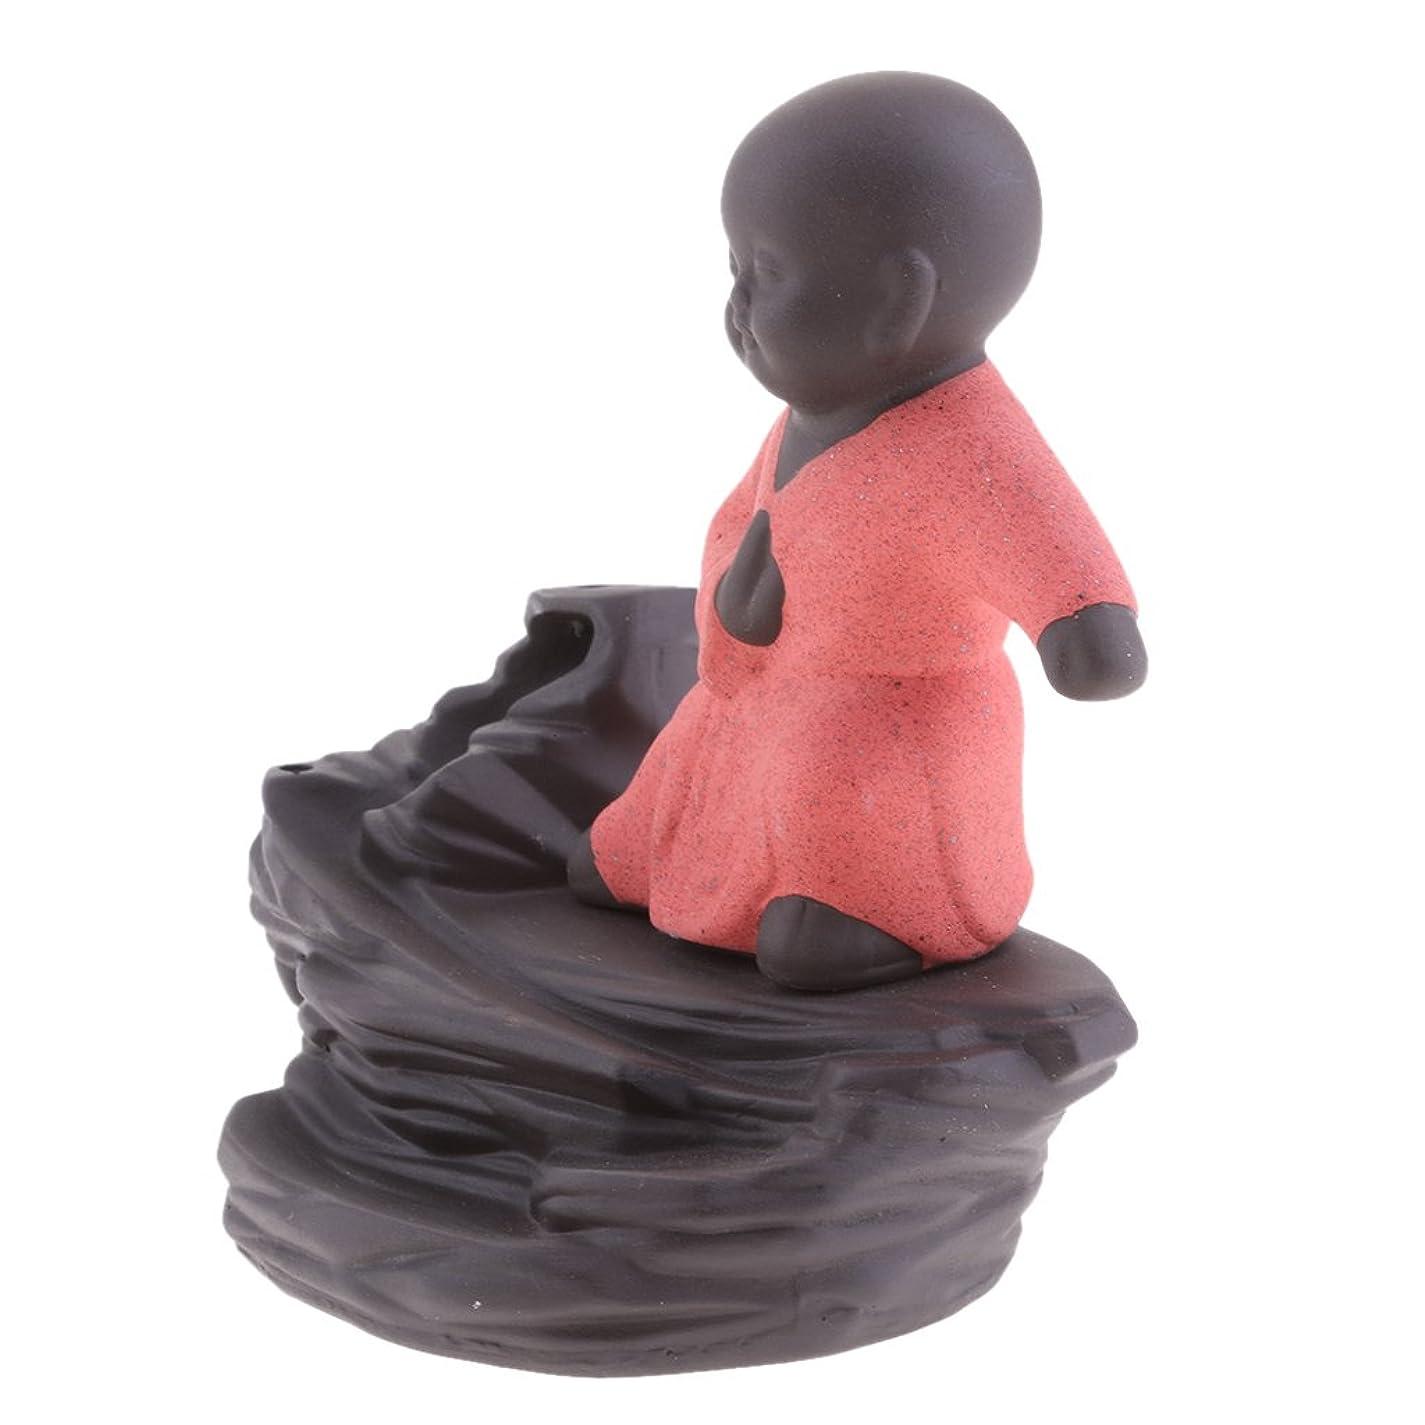 予報波適合するJiliオンラインクリエイティブホームDecor The Little Monk / Tathagata / Buddha Statue逆流香炉香炉 96b804dd59b6789b9ce09875d285d232